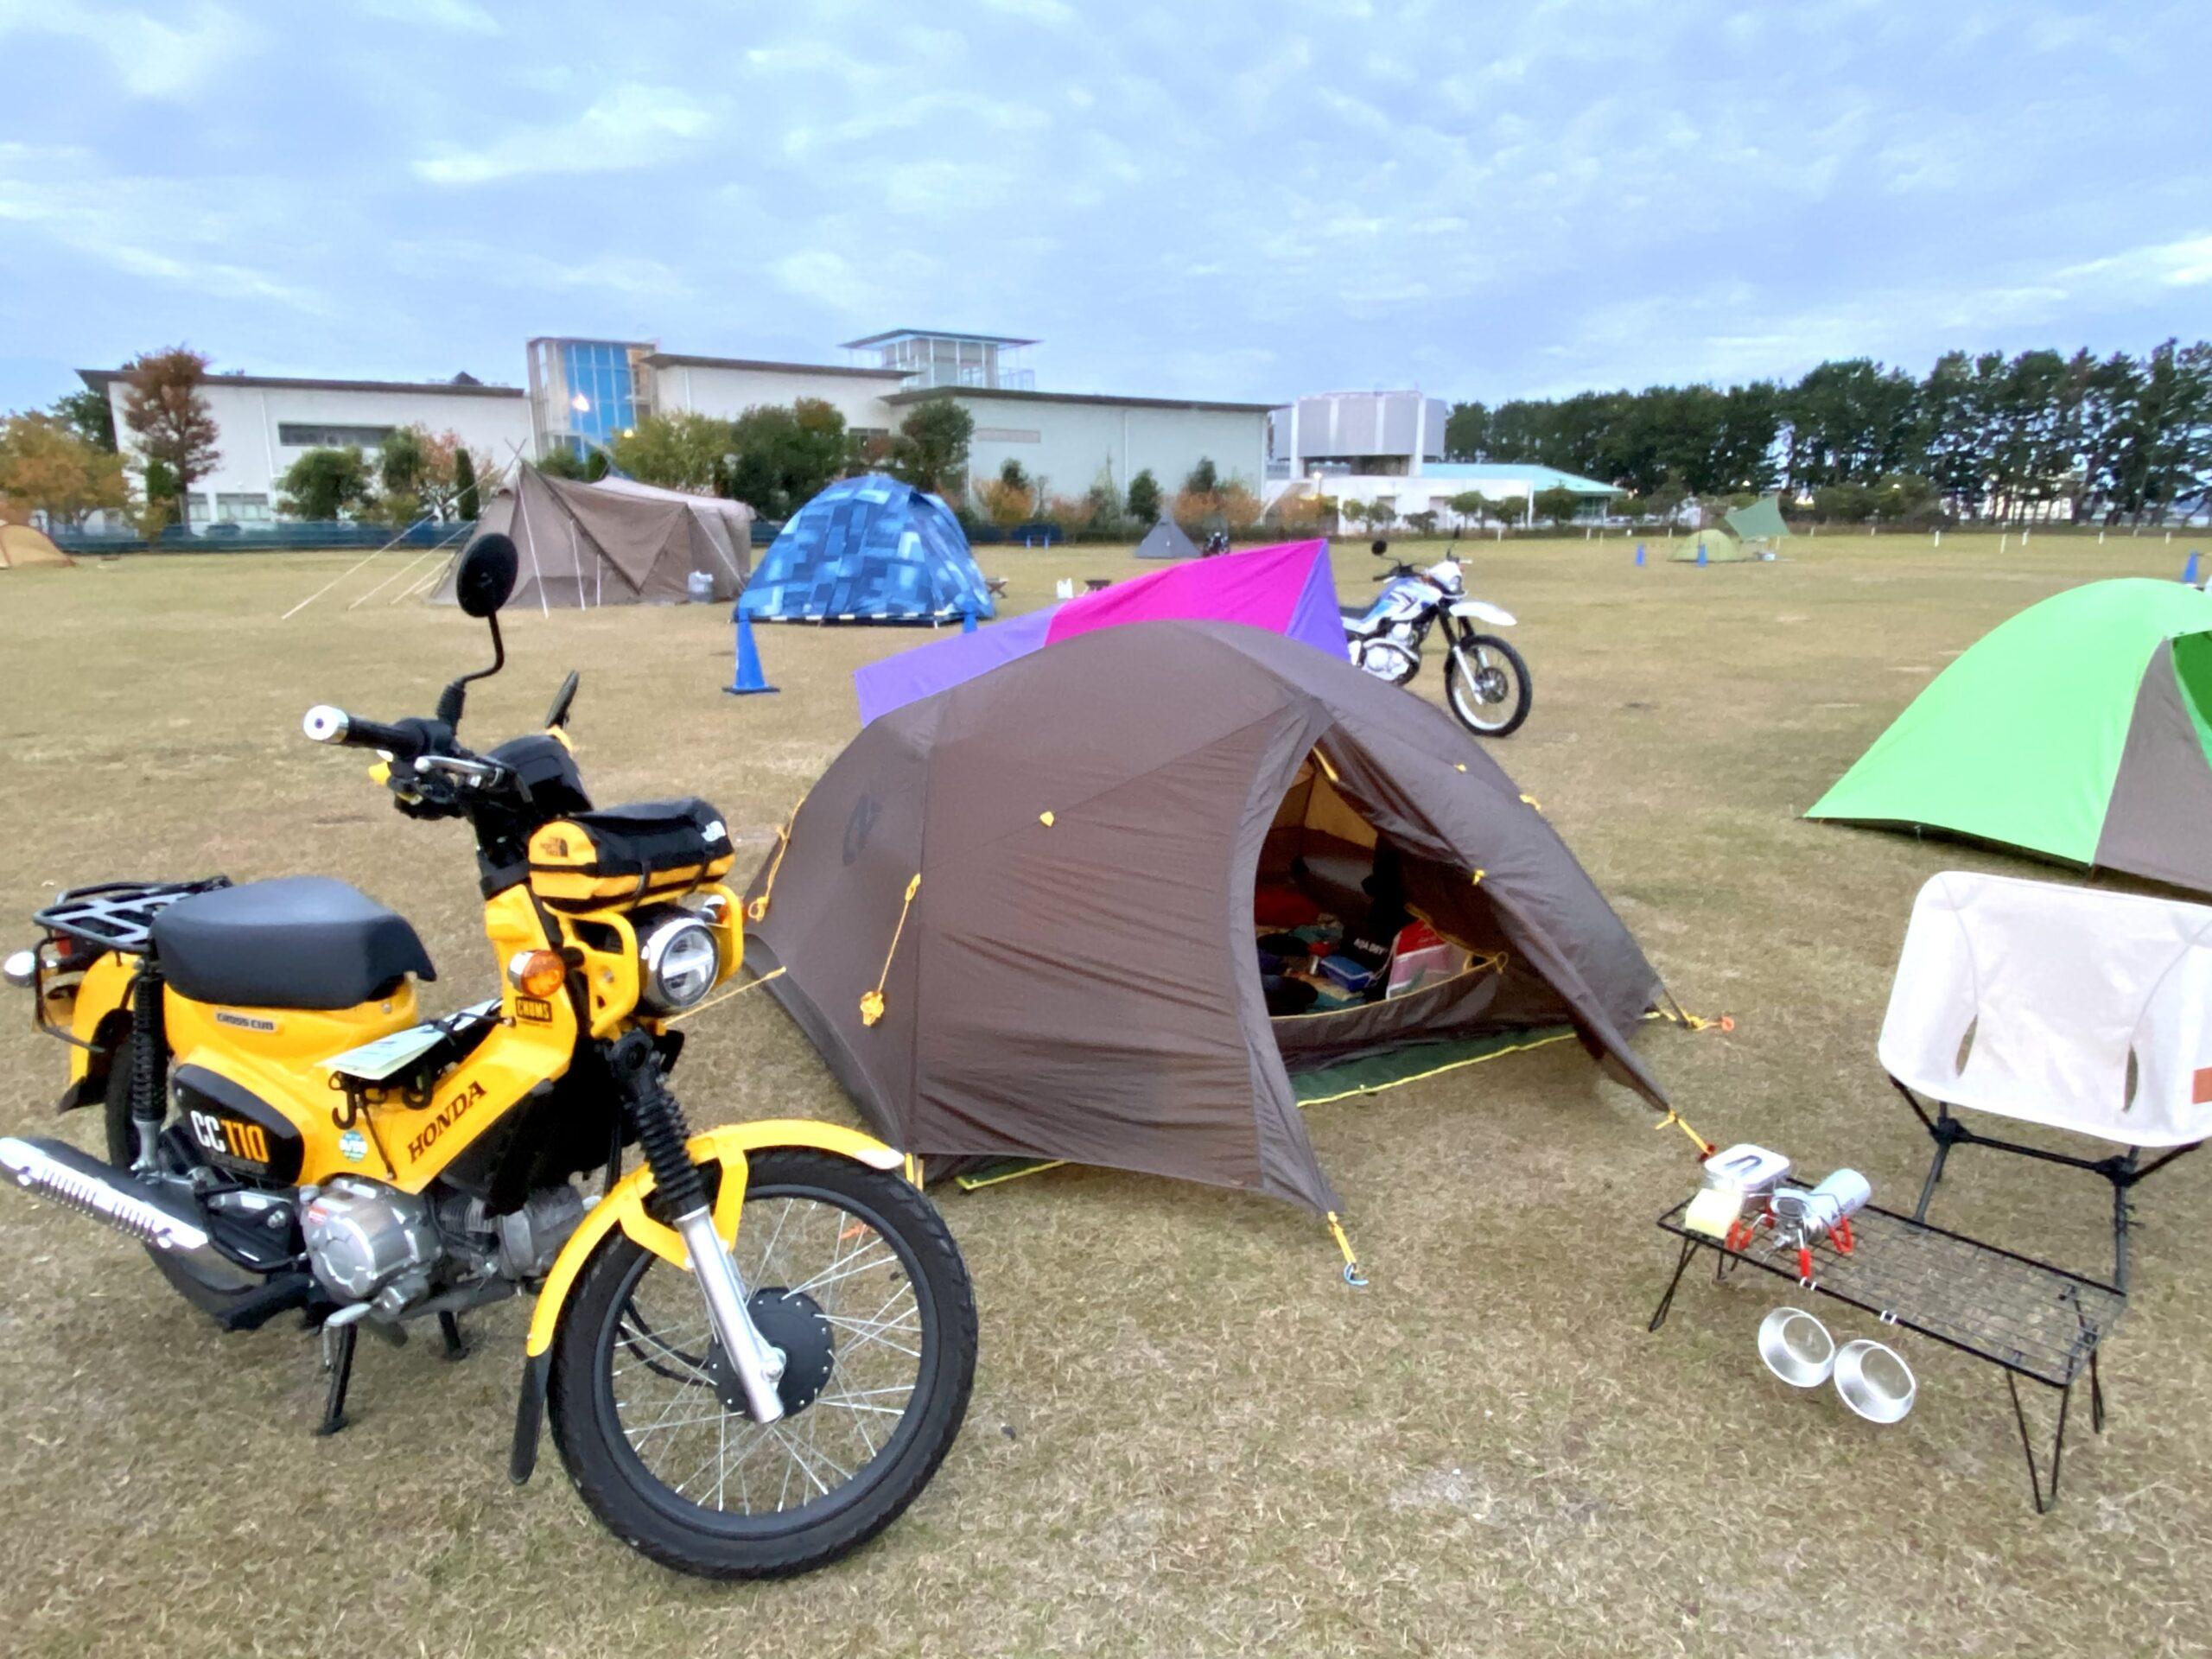 園 キャンプ 場 渚